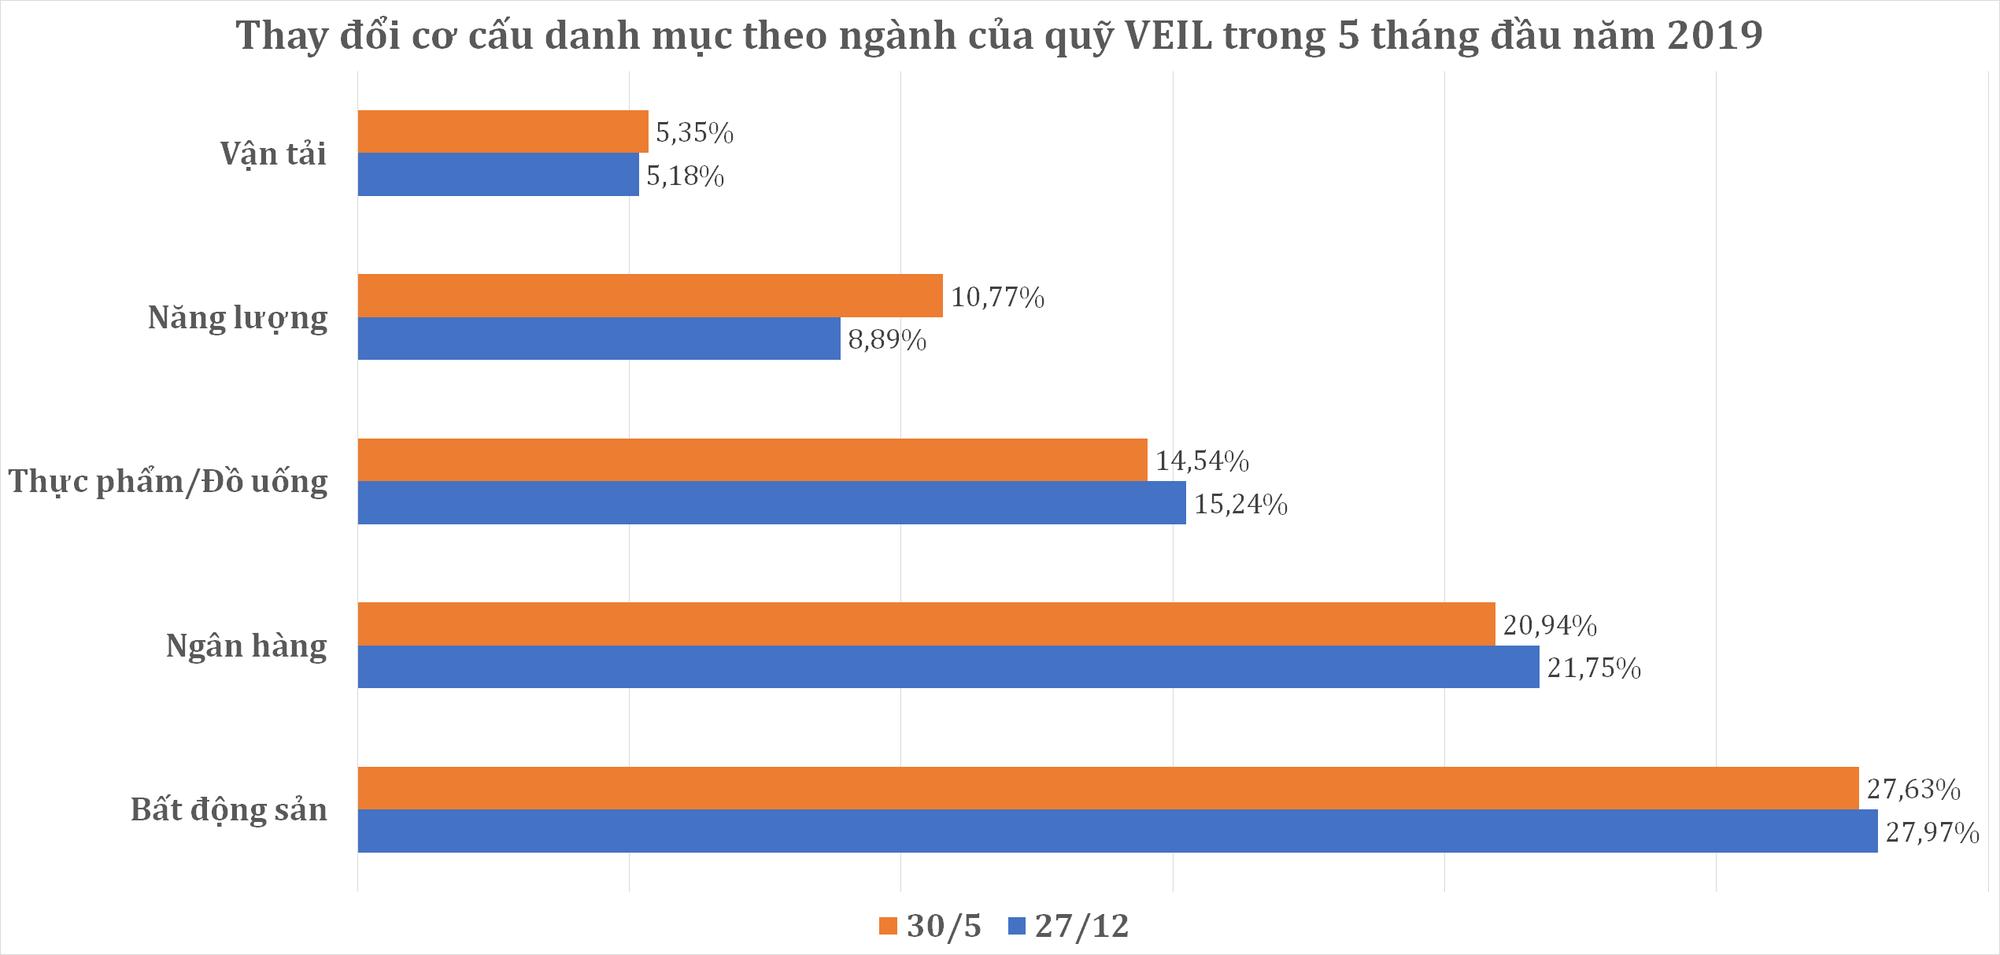 Nắm giữ danh mục lớn nhất TTCK Việt Nam, quỹ ngoại do Dragon Capital quản lí thất thủ trong 5 tháng đầu năm - Ảnh 2.